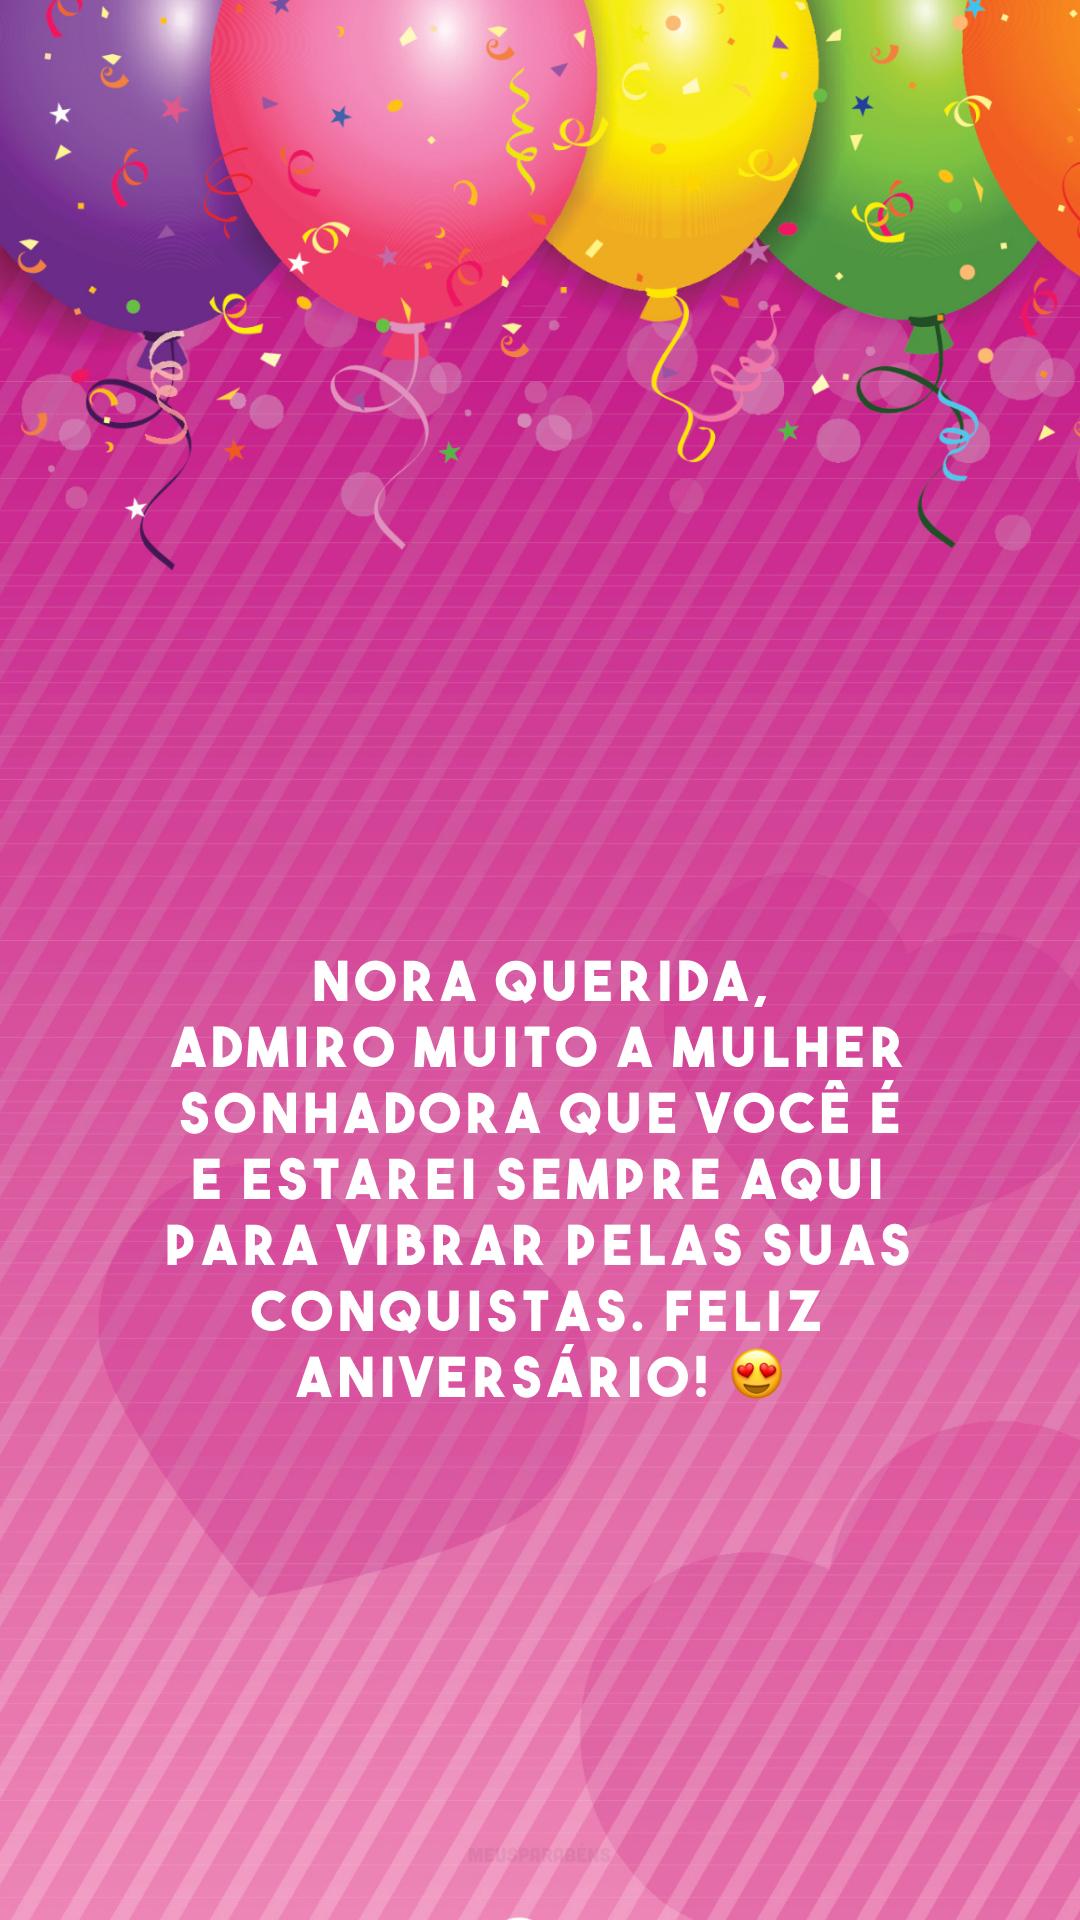 Nora querida, admiro muito a mulher sonhadora que você é e estarei sempre aqui para vibrar pelas suas conquistas. Feliz aniversário! 😍